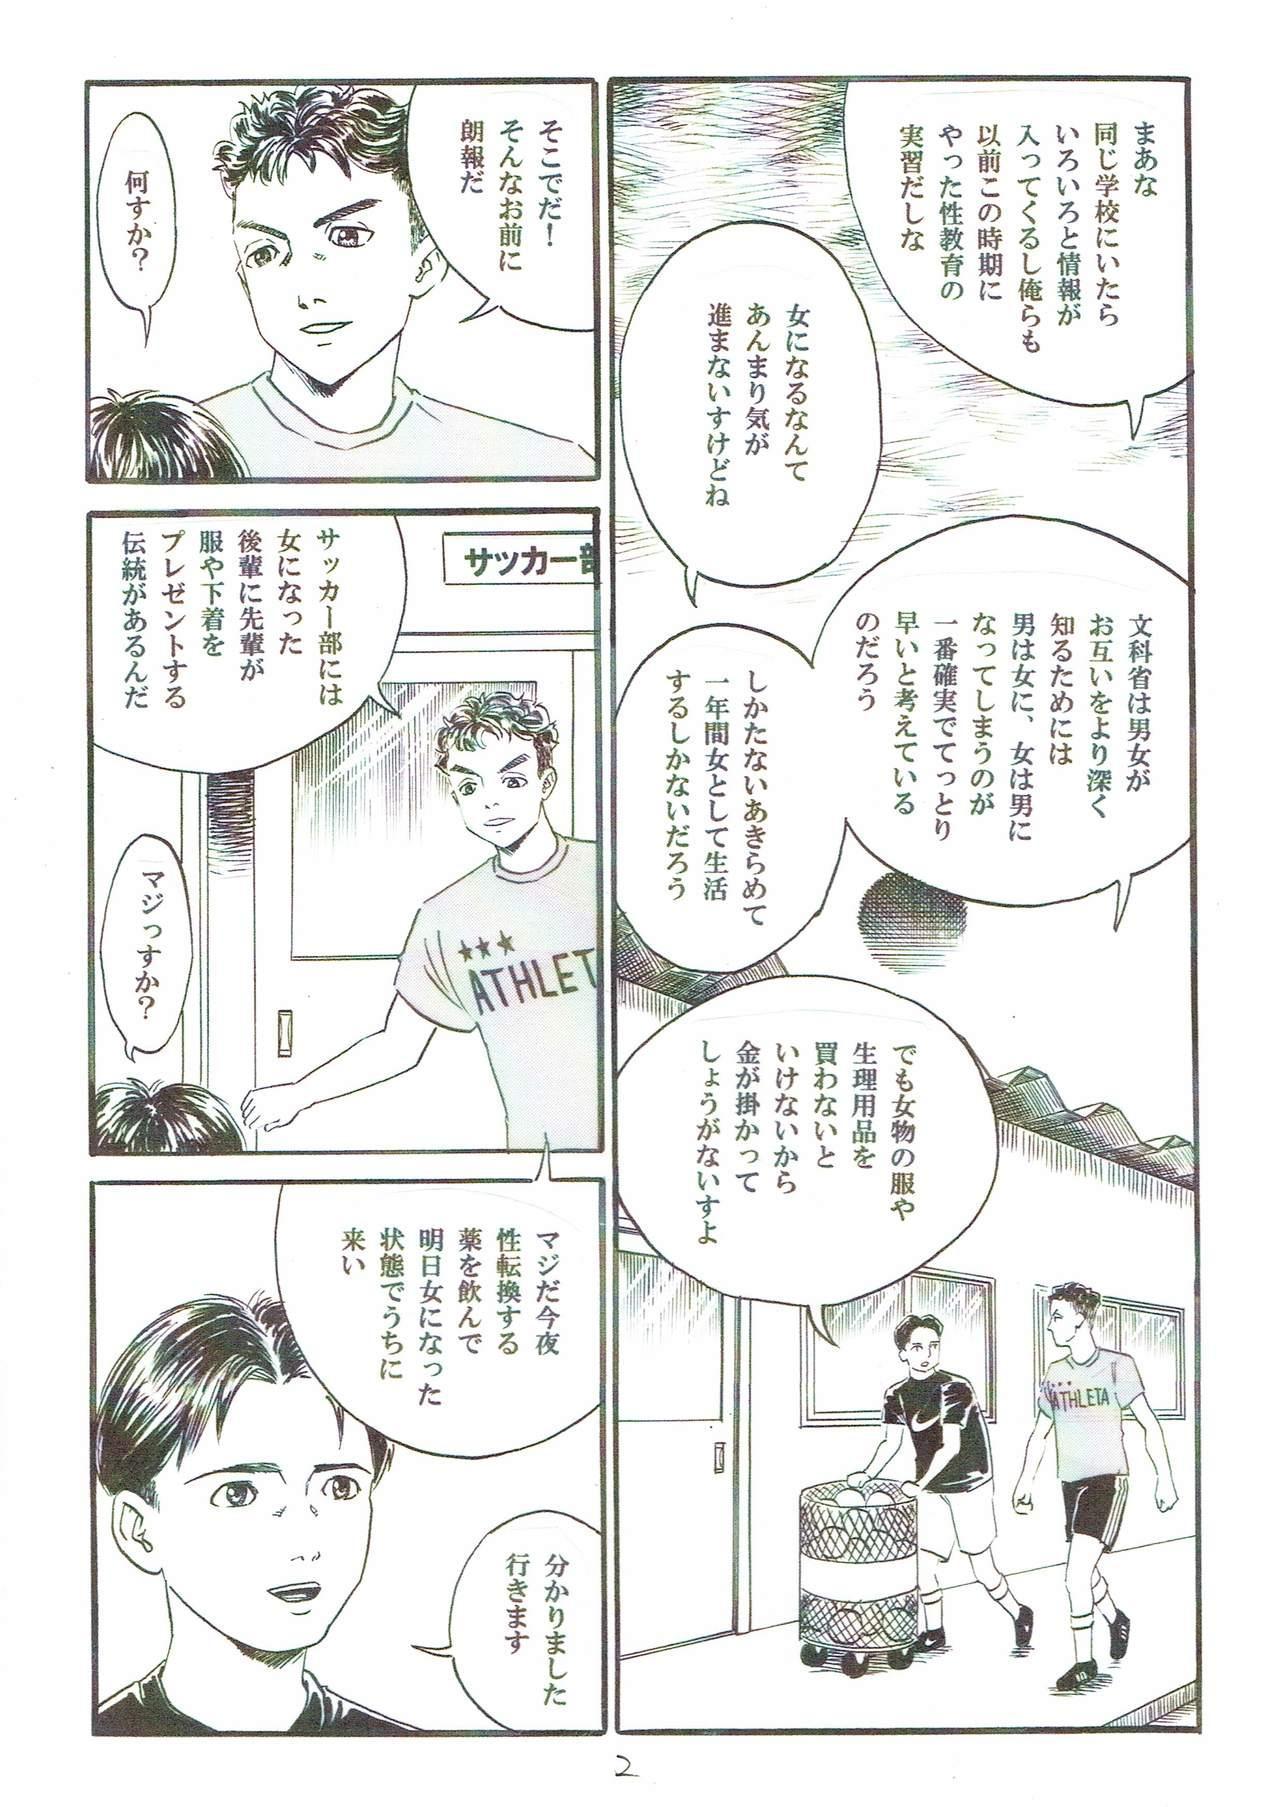 Atarashii Seikyouiku5 2